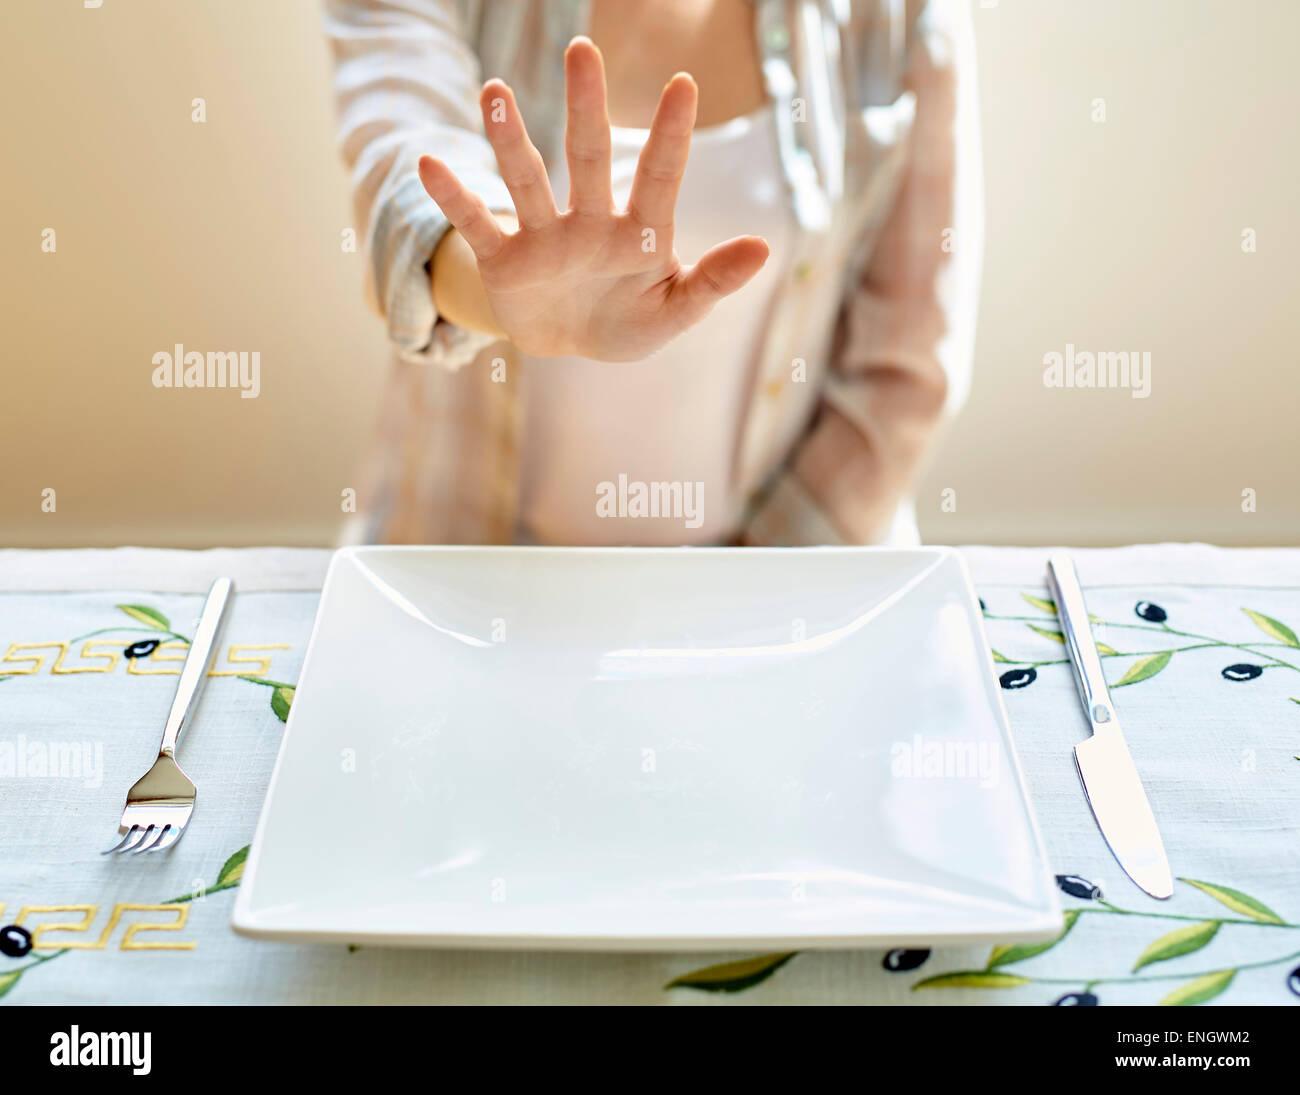 Mujer a rechazar los alimentos Imagen De Stock